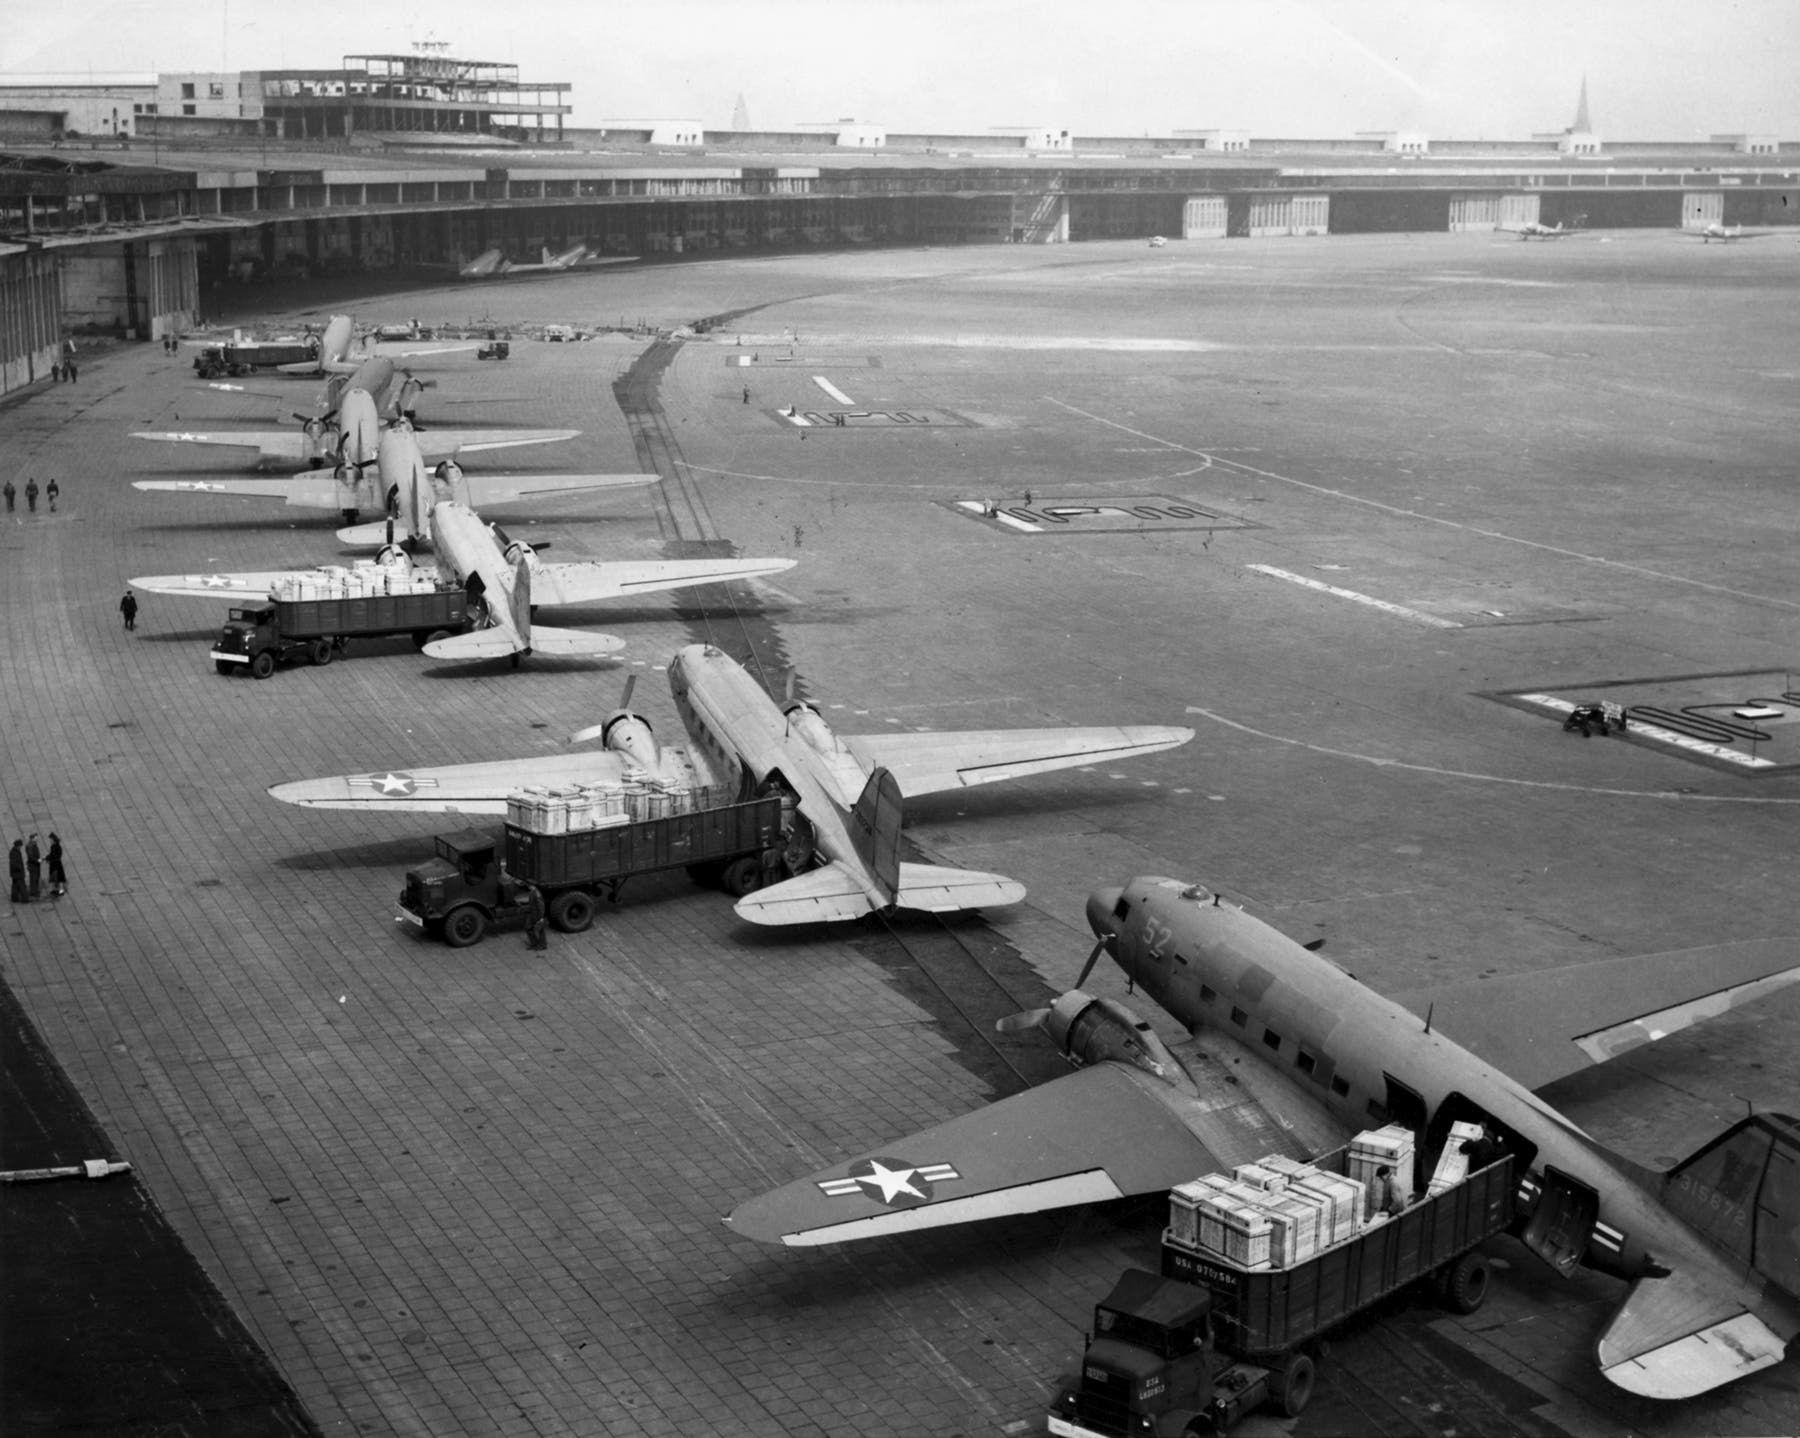 صورة لعدد من طائرات الإمدادات التي نقلت الغذاء لأهالي برلين